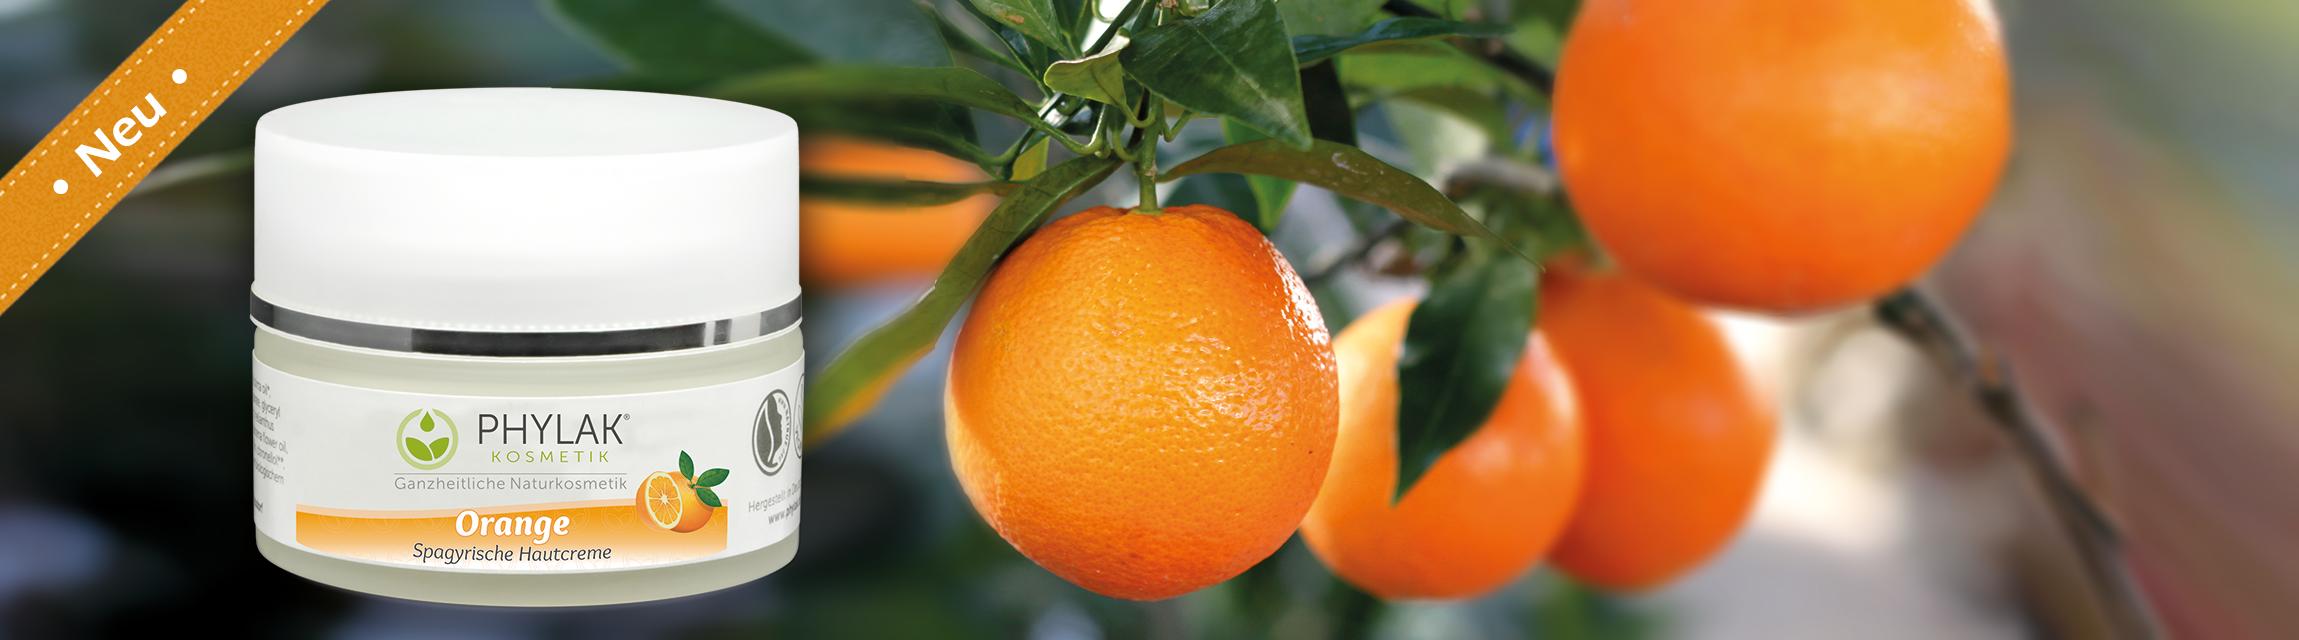 Kosmetik-Orange